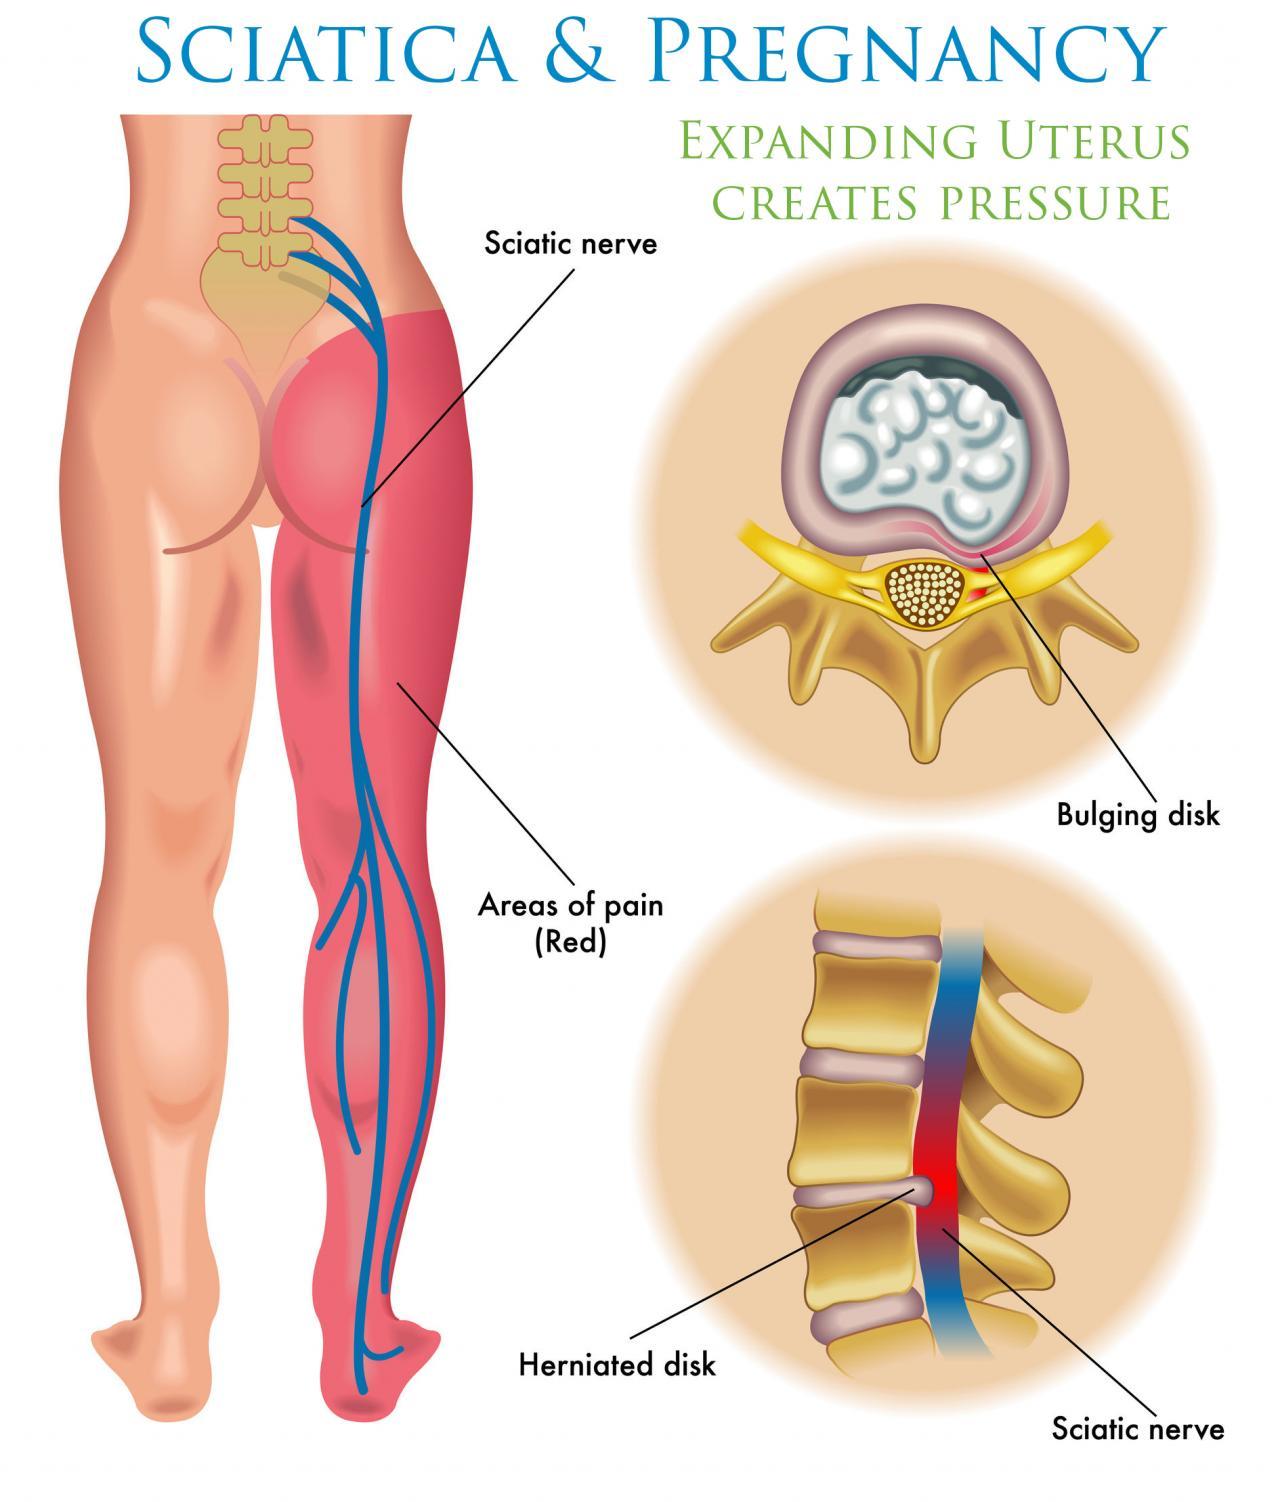 صورة علاج ضغط فقرات الظهر على العصب , علاج مرض الديسك